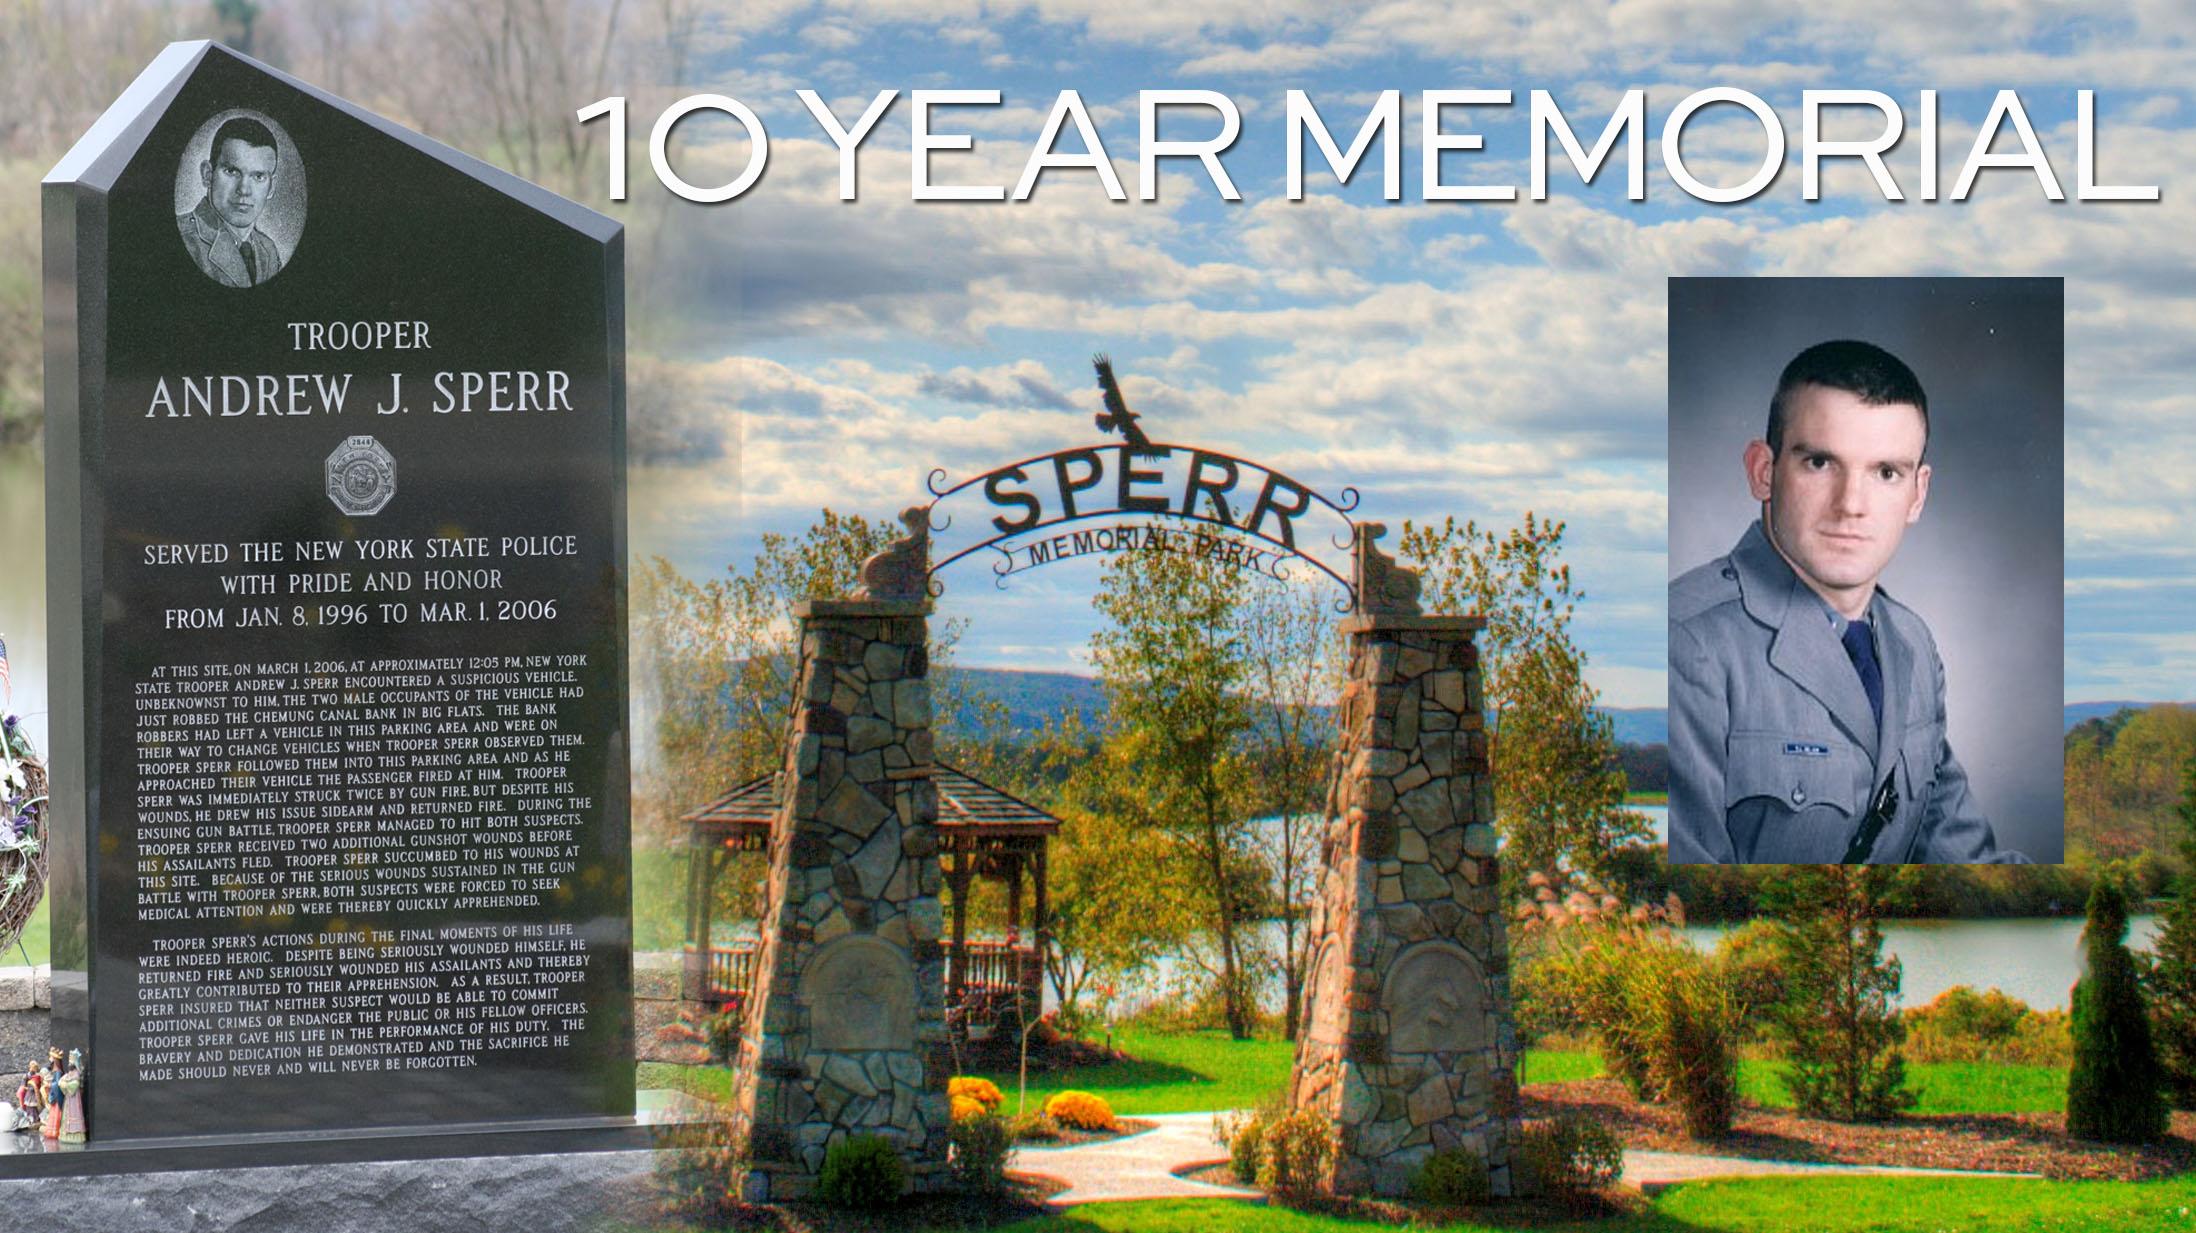 Sperr 10 Year Memorial Web Story (2)_1456835177856.jpg